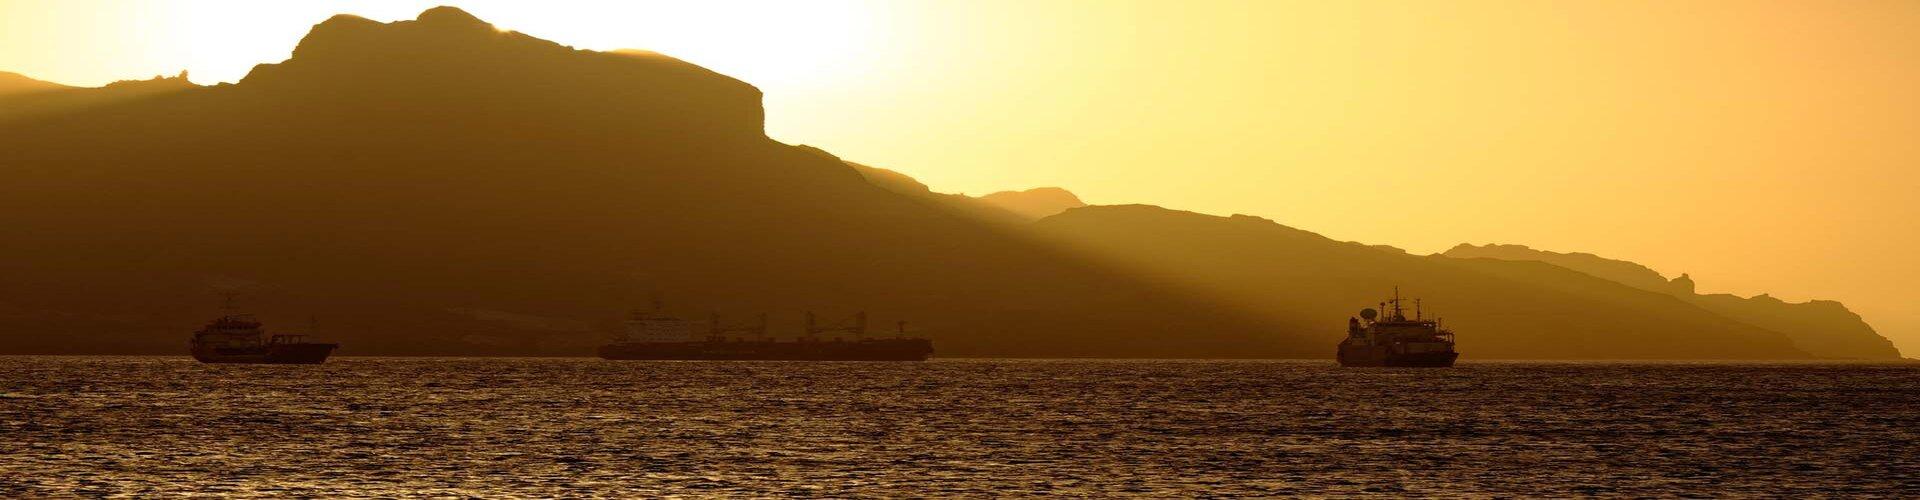 Podróż w obie strony na Wyspy Zielonego Przylądka